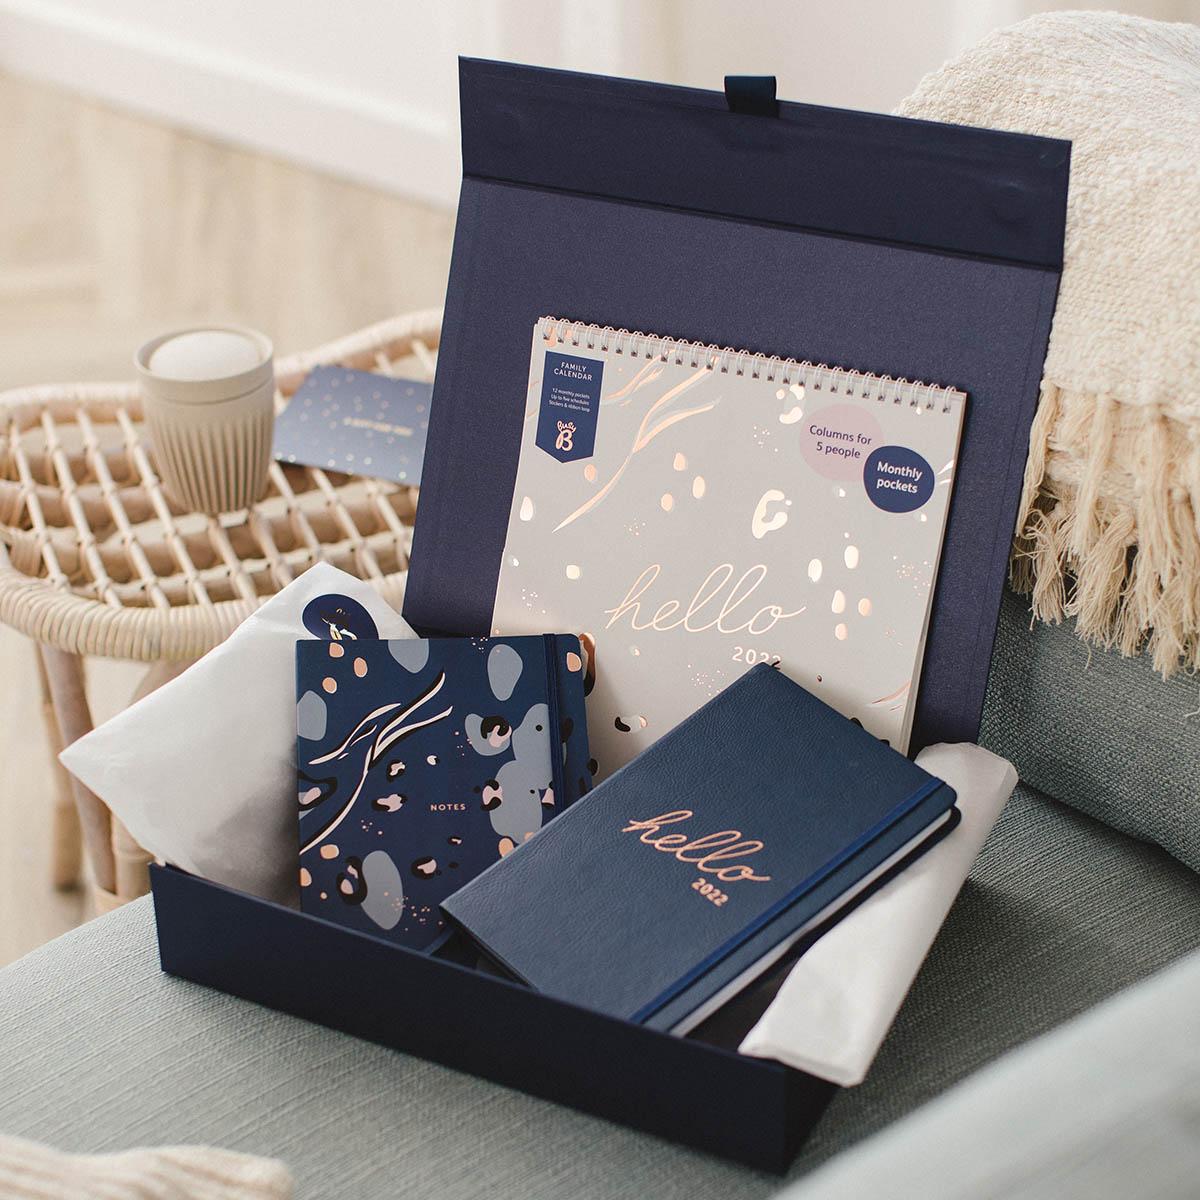 Gifting made easy Mobile Image